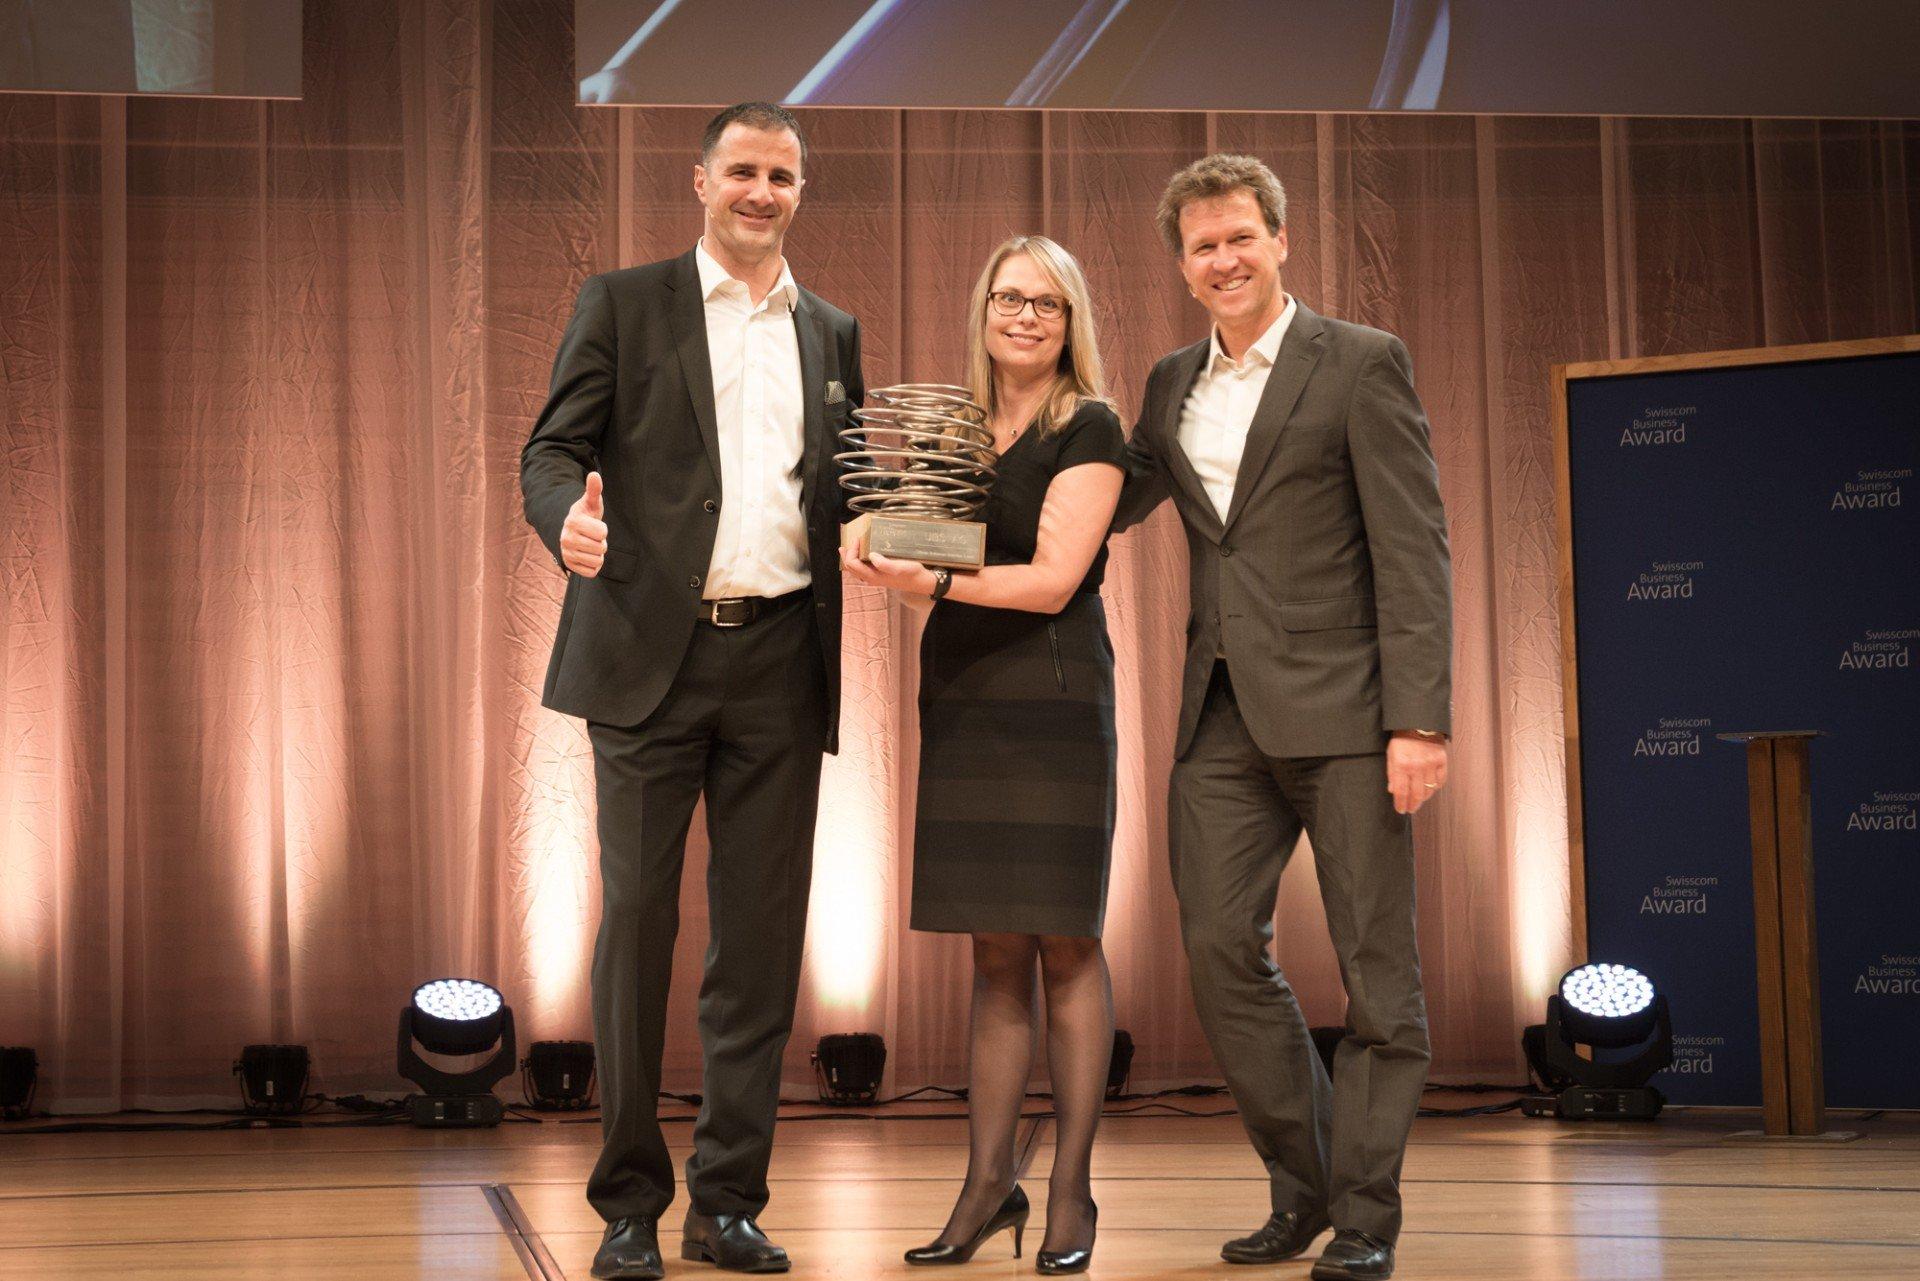 UBS gewinnt den Swisscom Business Award. Von links nach rechts: Urs Lehner, Swisscom, Head of Marketing&Sales Grosskunden; Liv Brahin, UBS, Head Group Marketing und Communication Services; René Estermann, Jurymitglied Swisscom Business Award und Geschäftsführer myclimate.